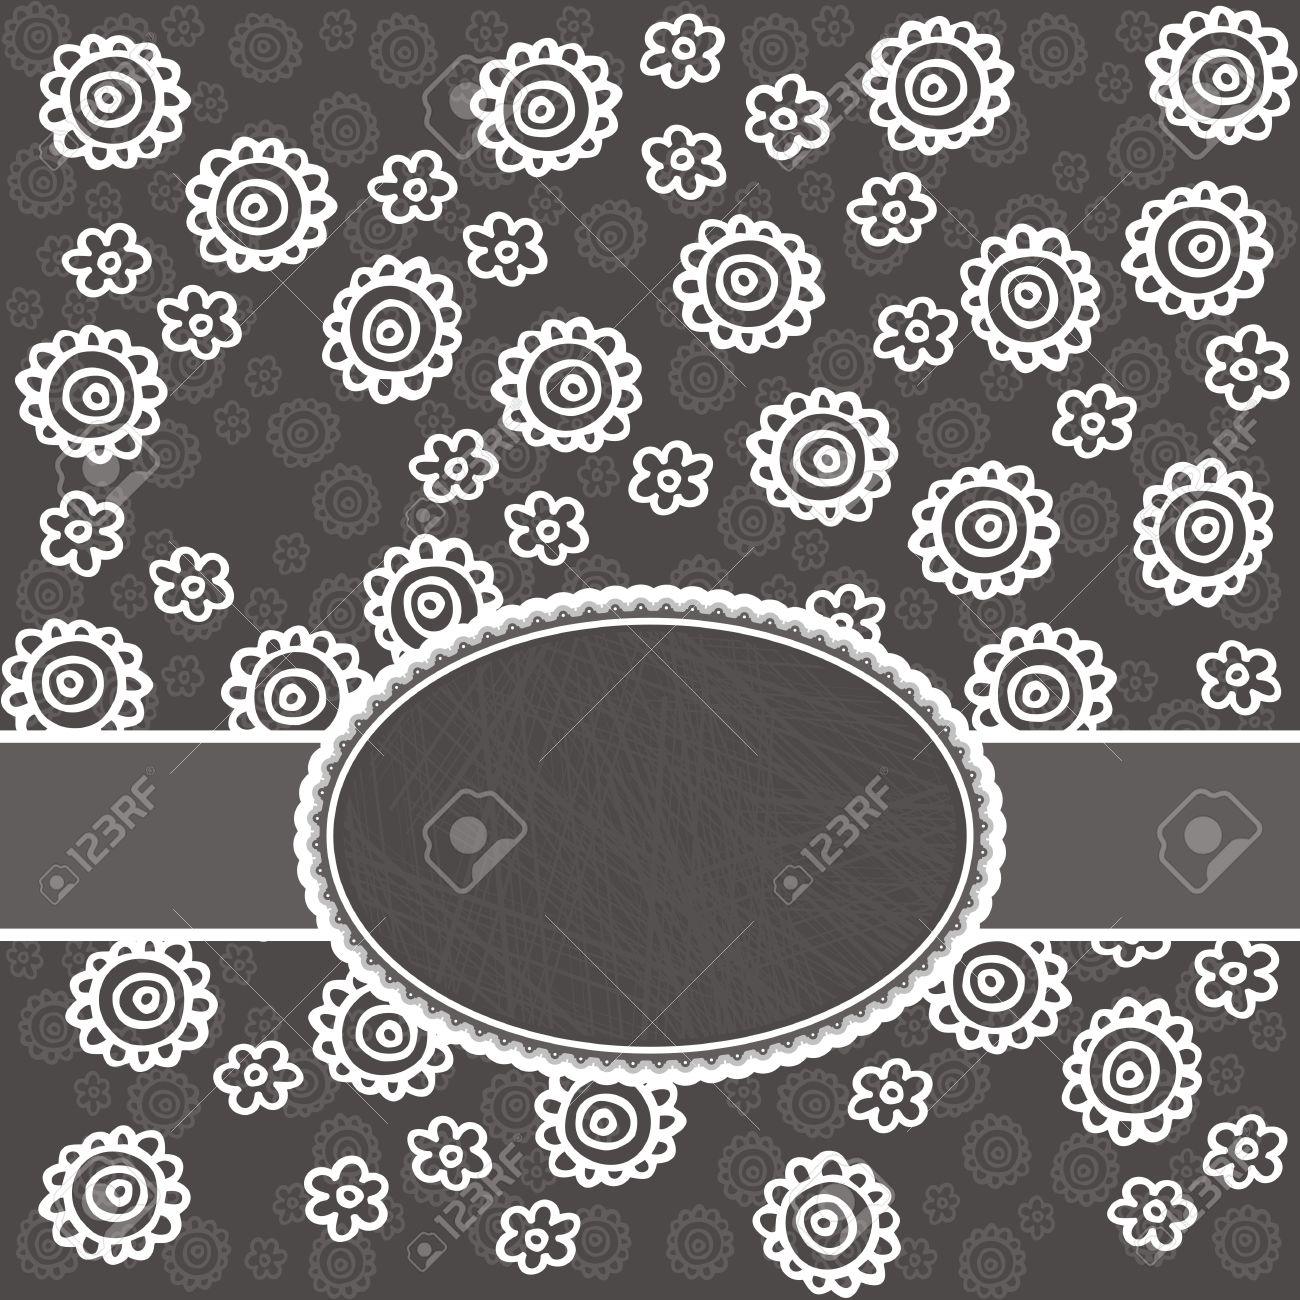 Dentelle Dessin monochromes délicates fleurs de dentelle blanche sur fond gris de